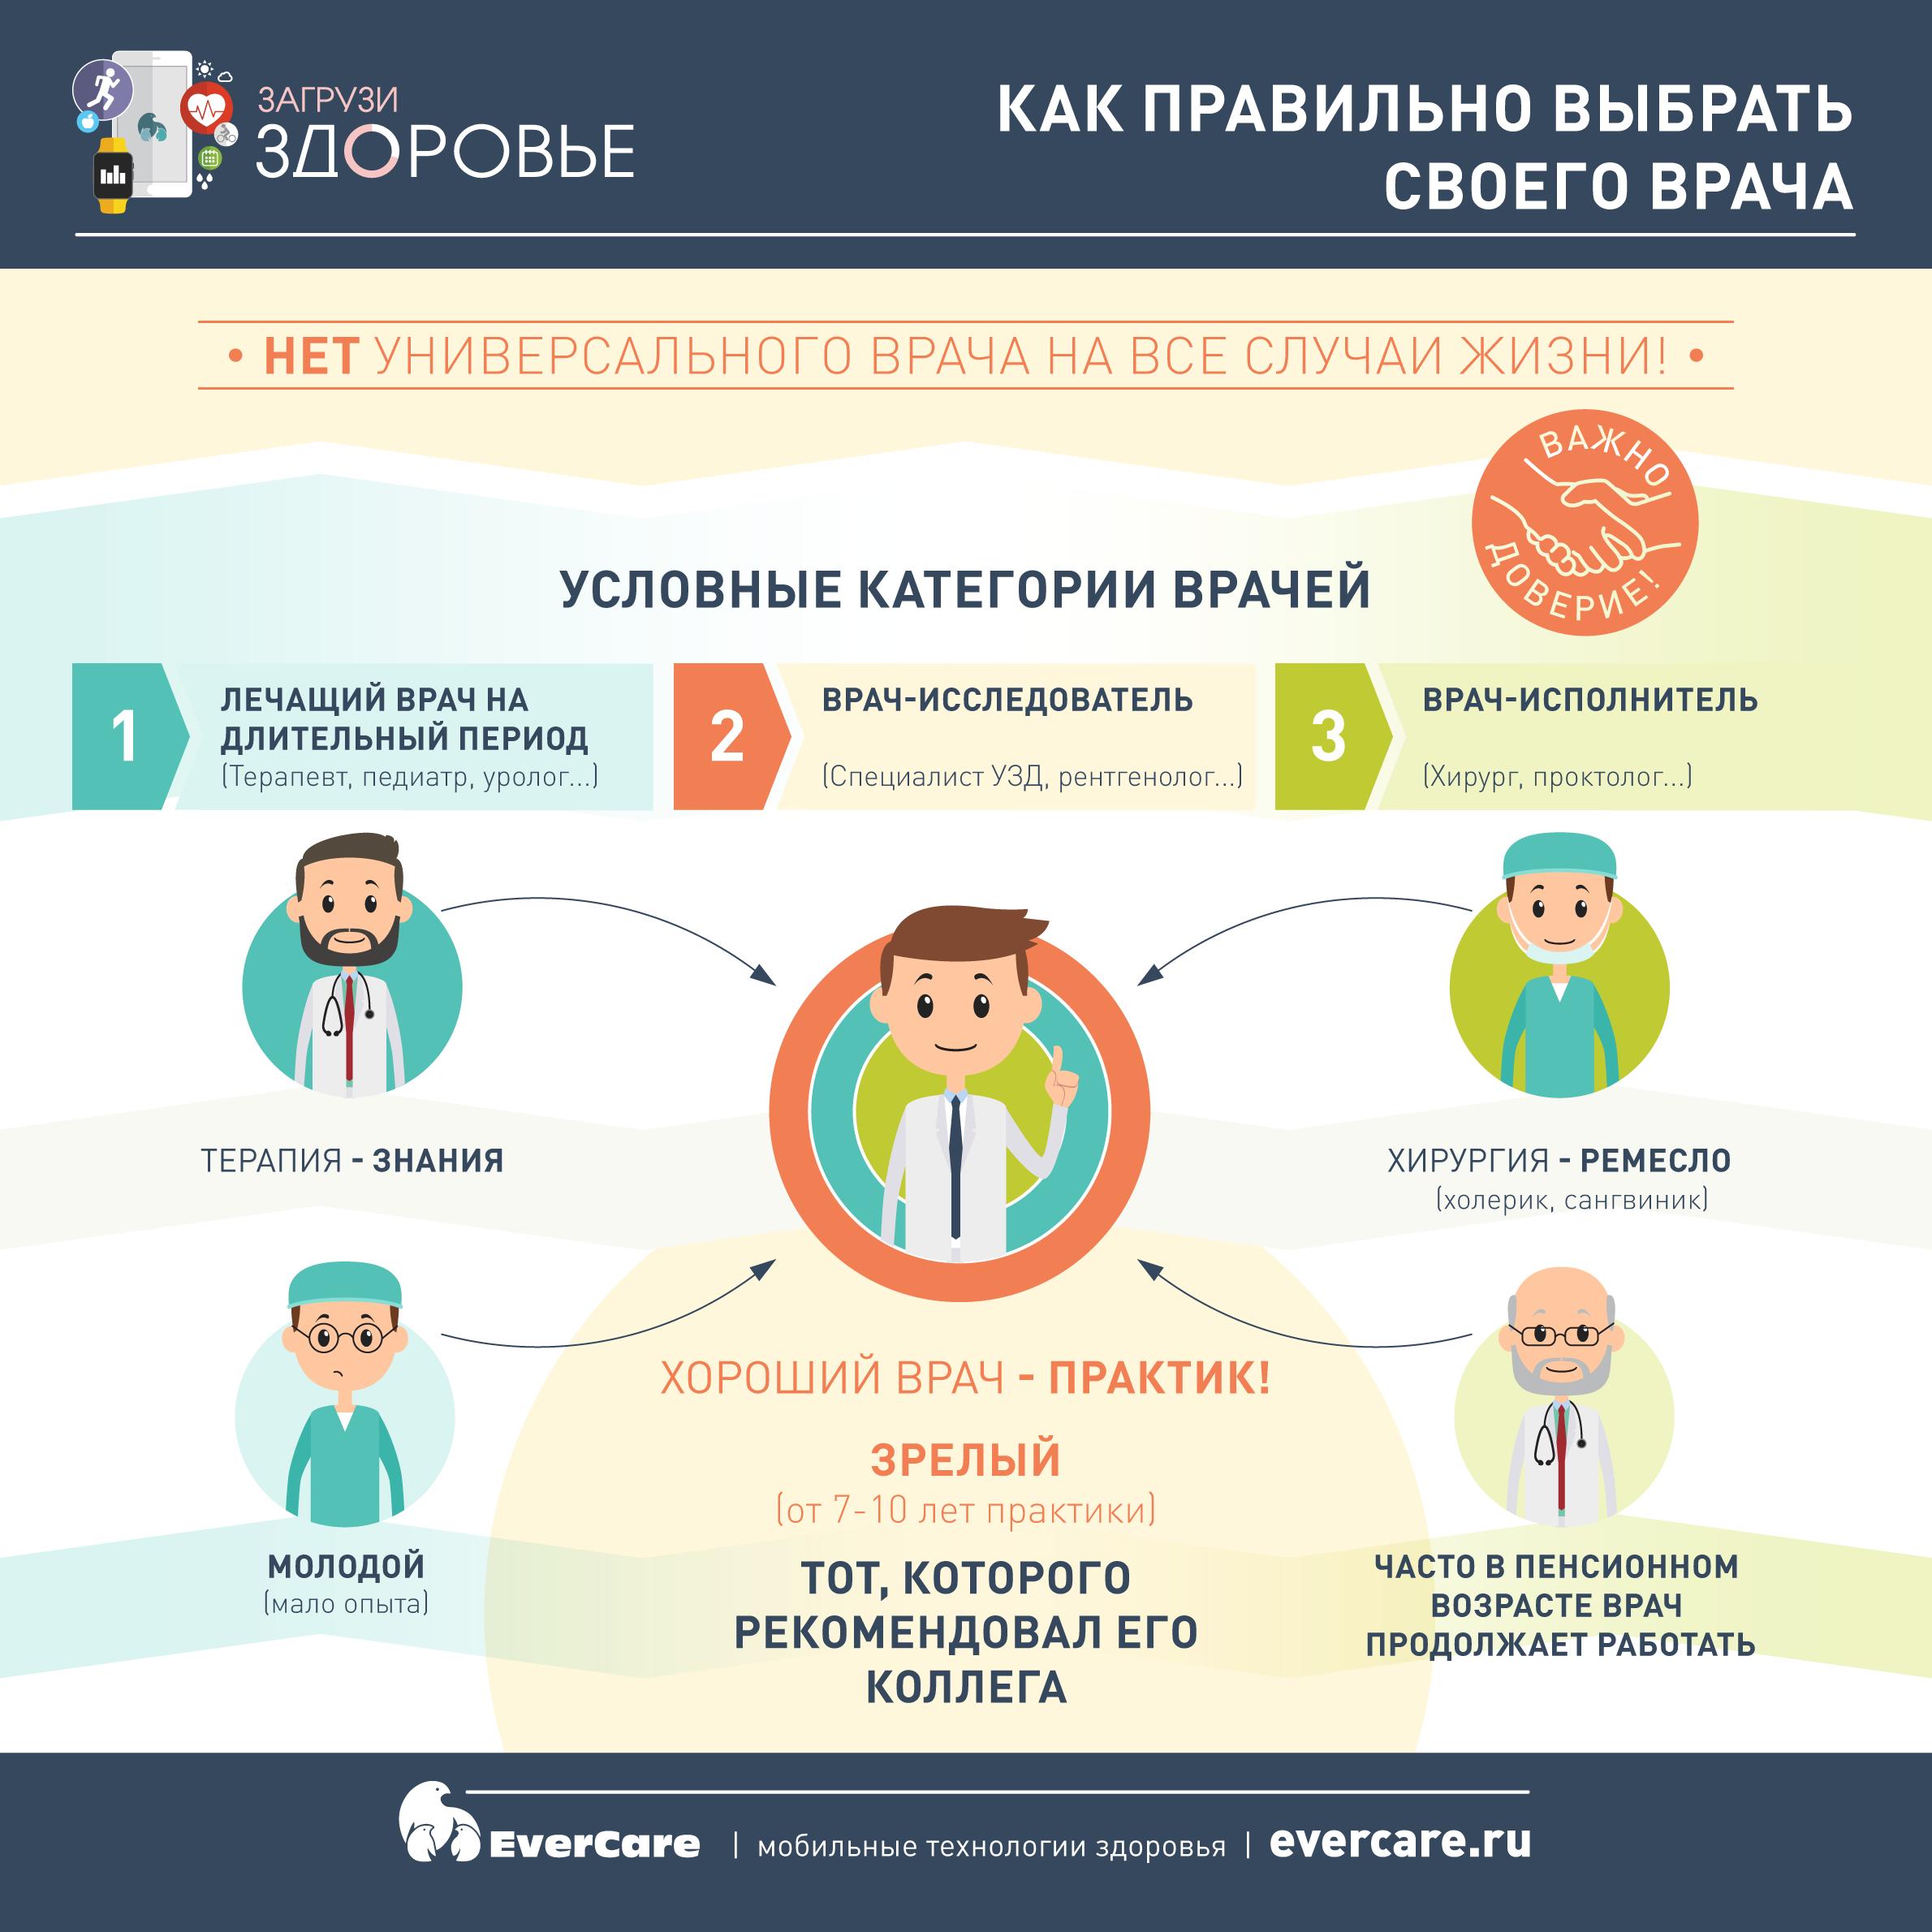 Как правильно выбрать своего врача? Инфографика